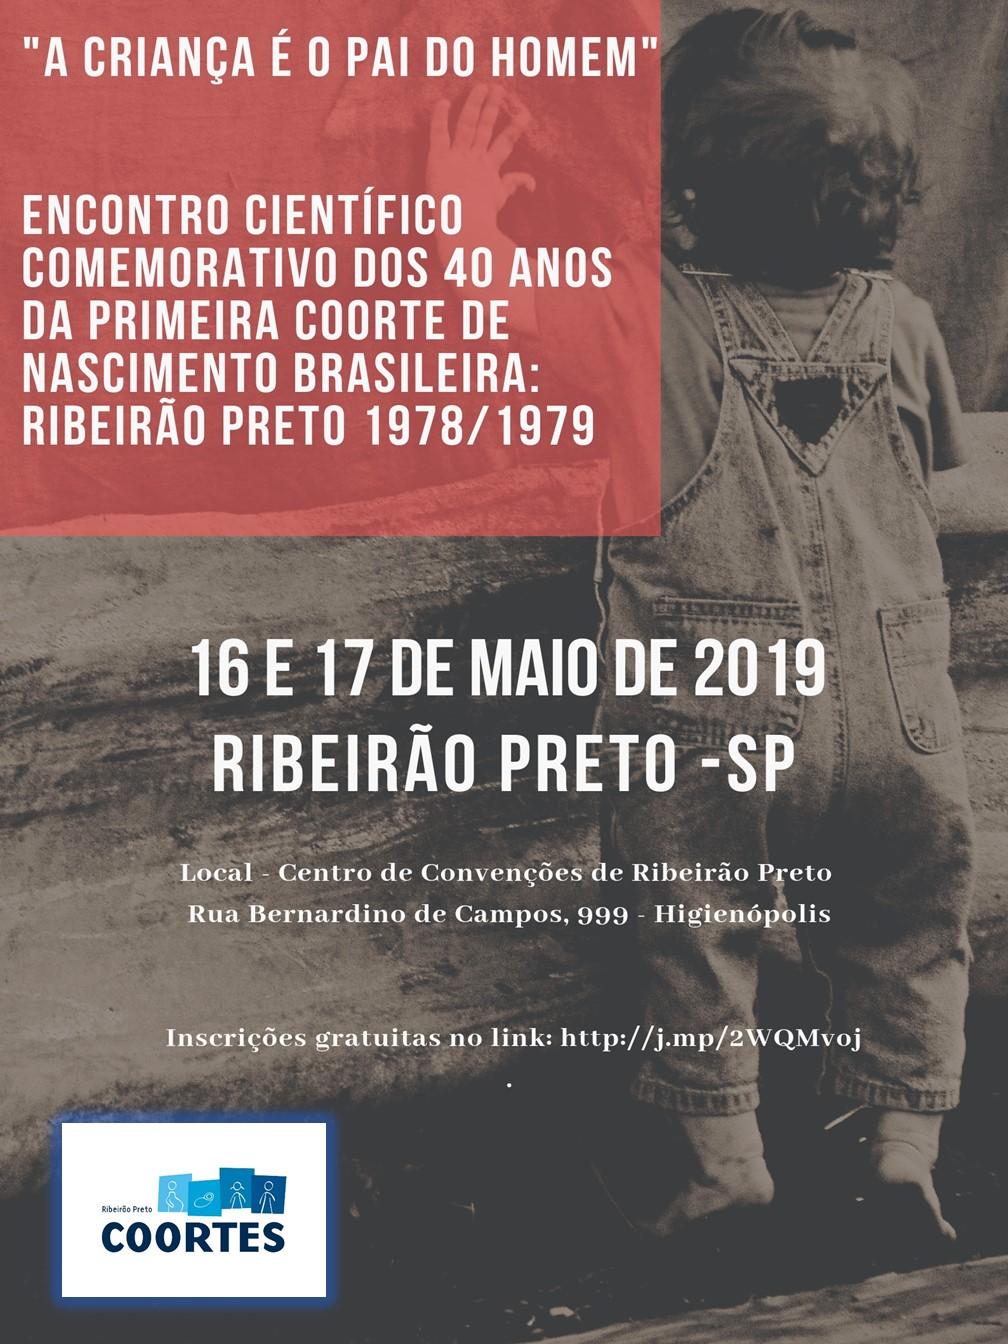 Encontro Científico Comemorativo dos 40 anos da primeira Coorte de Nascimento Brasileira Ribeirão Preto 1978/ 1979